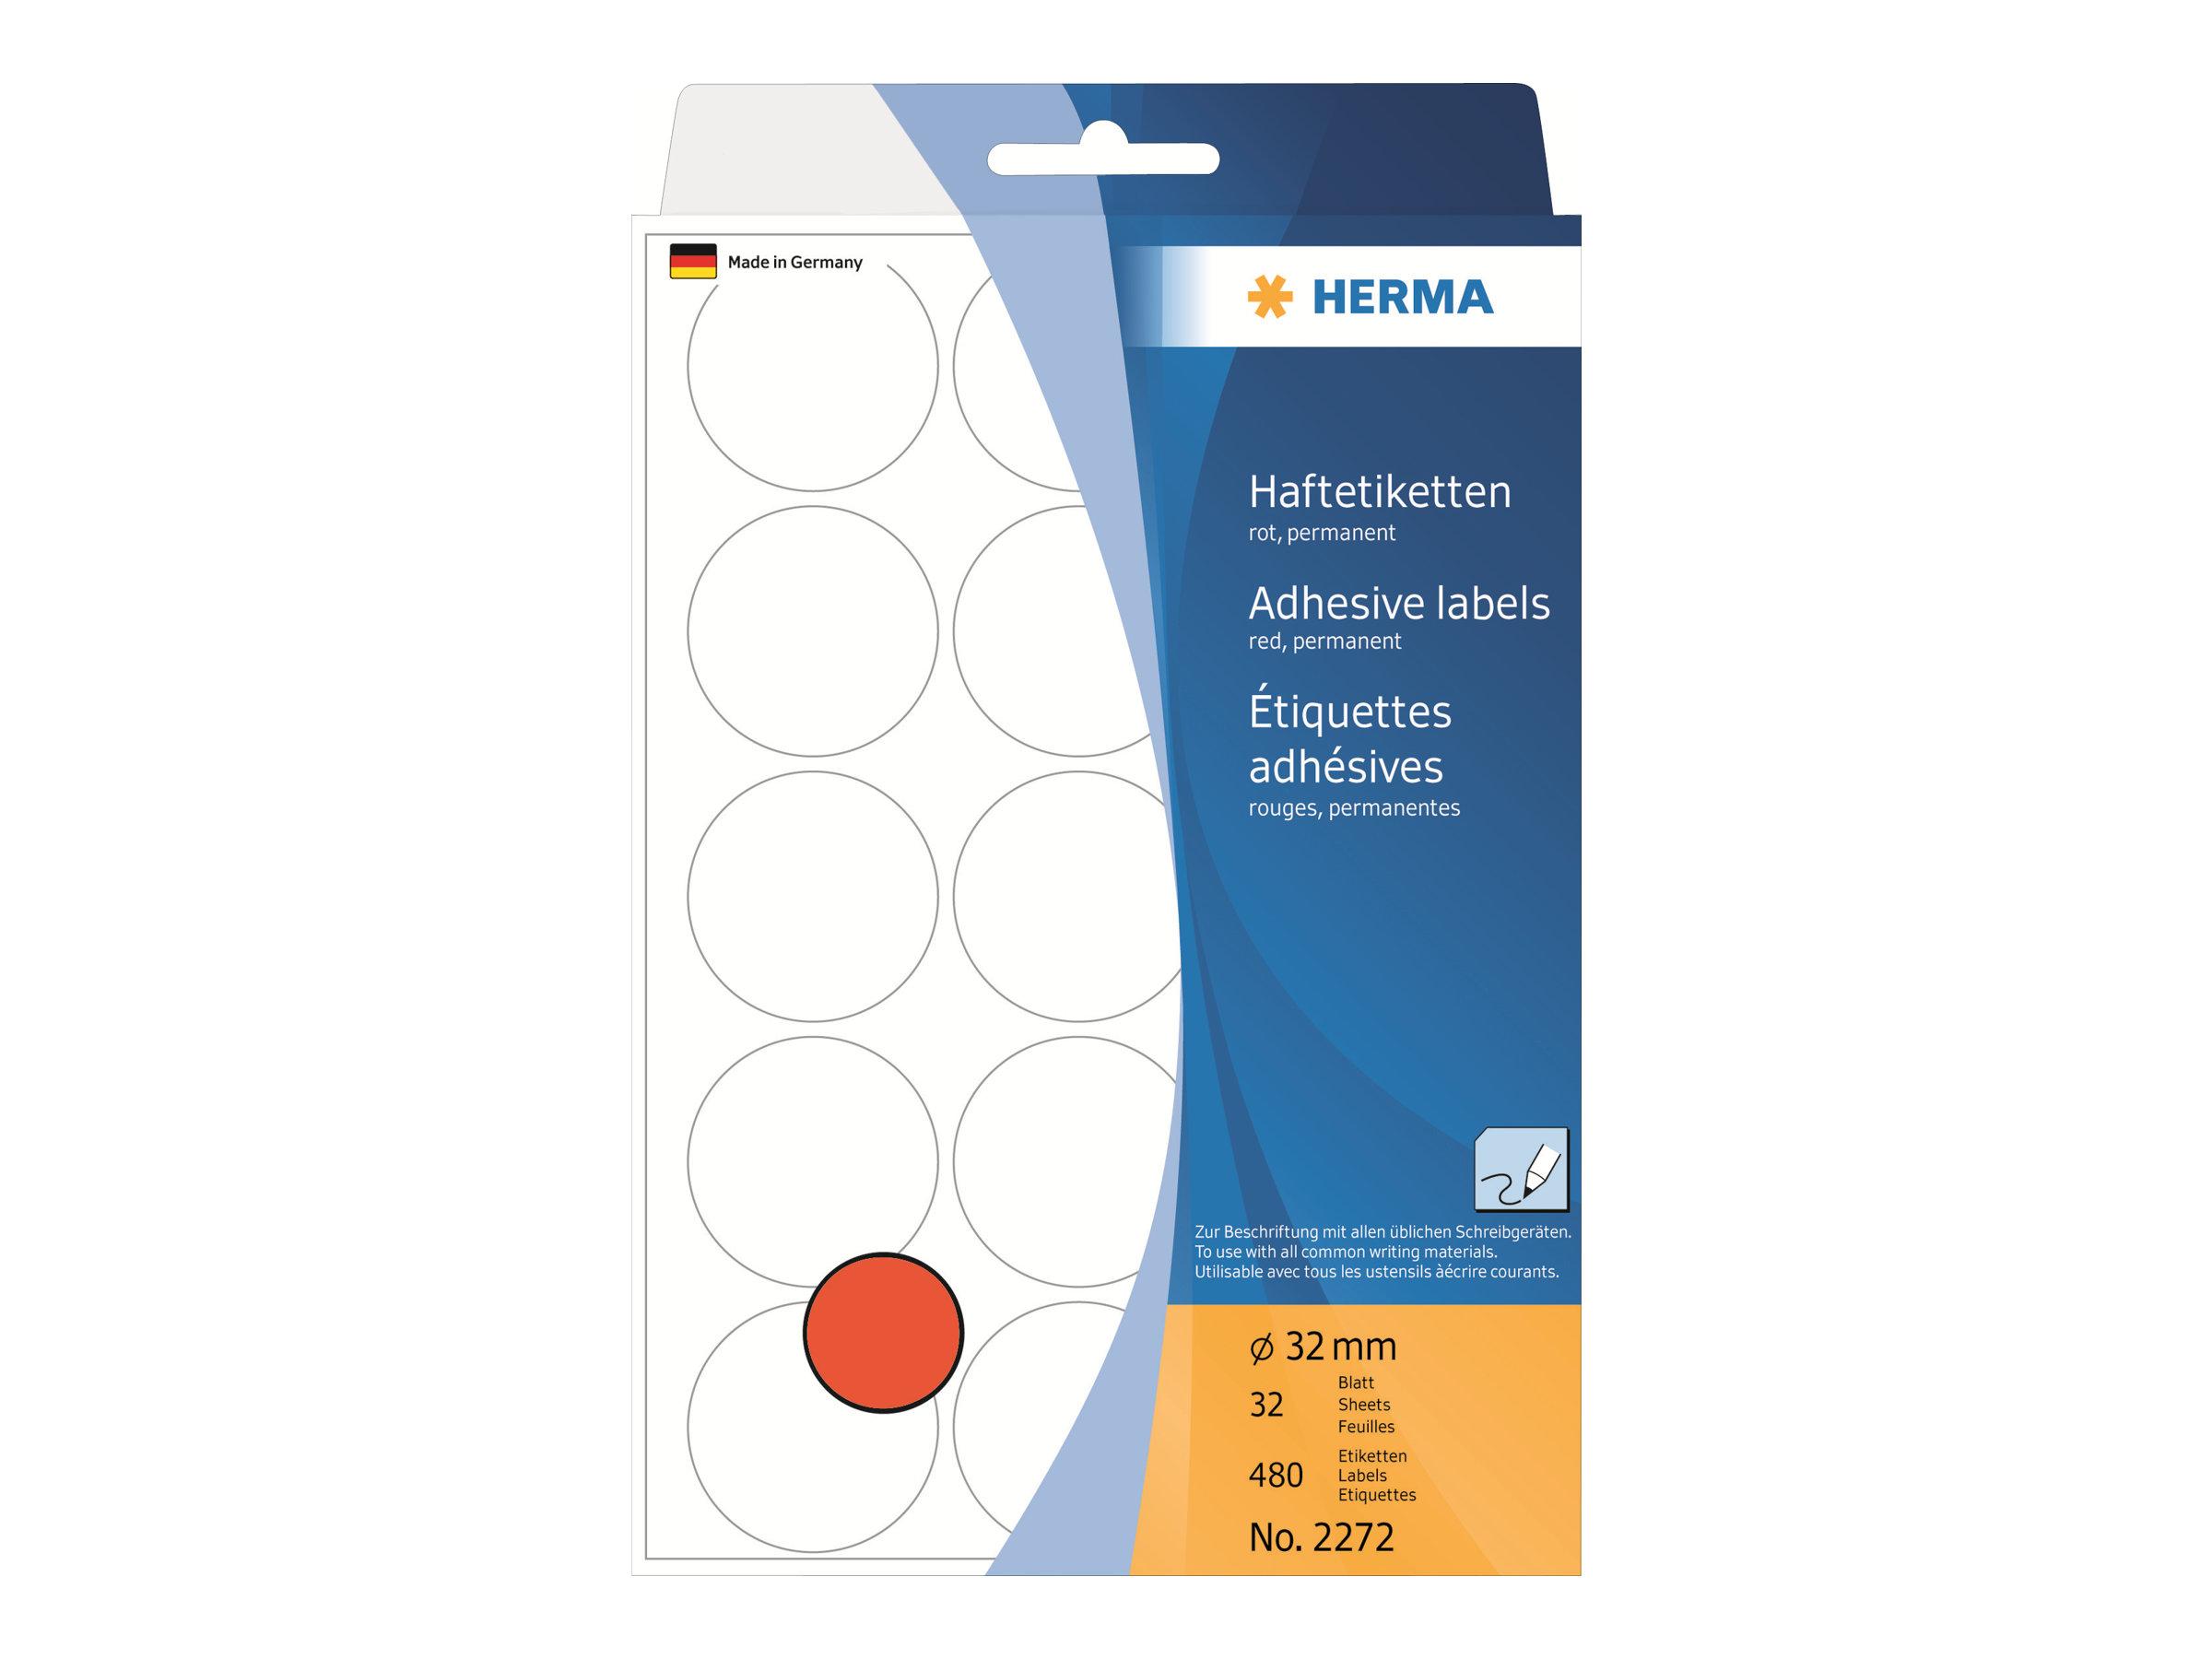 HERMA Papier - permanent selbstklebend - Rot - 32 mm rund 480 Etikett(en) (32 Bogen x 15)